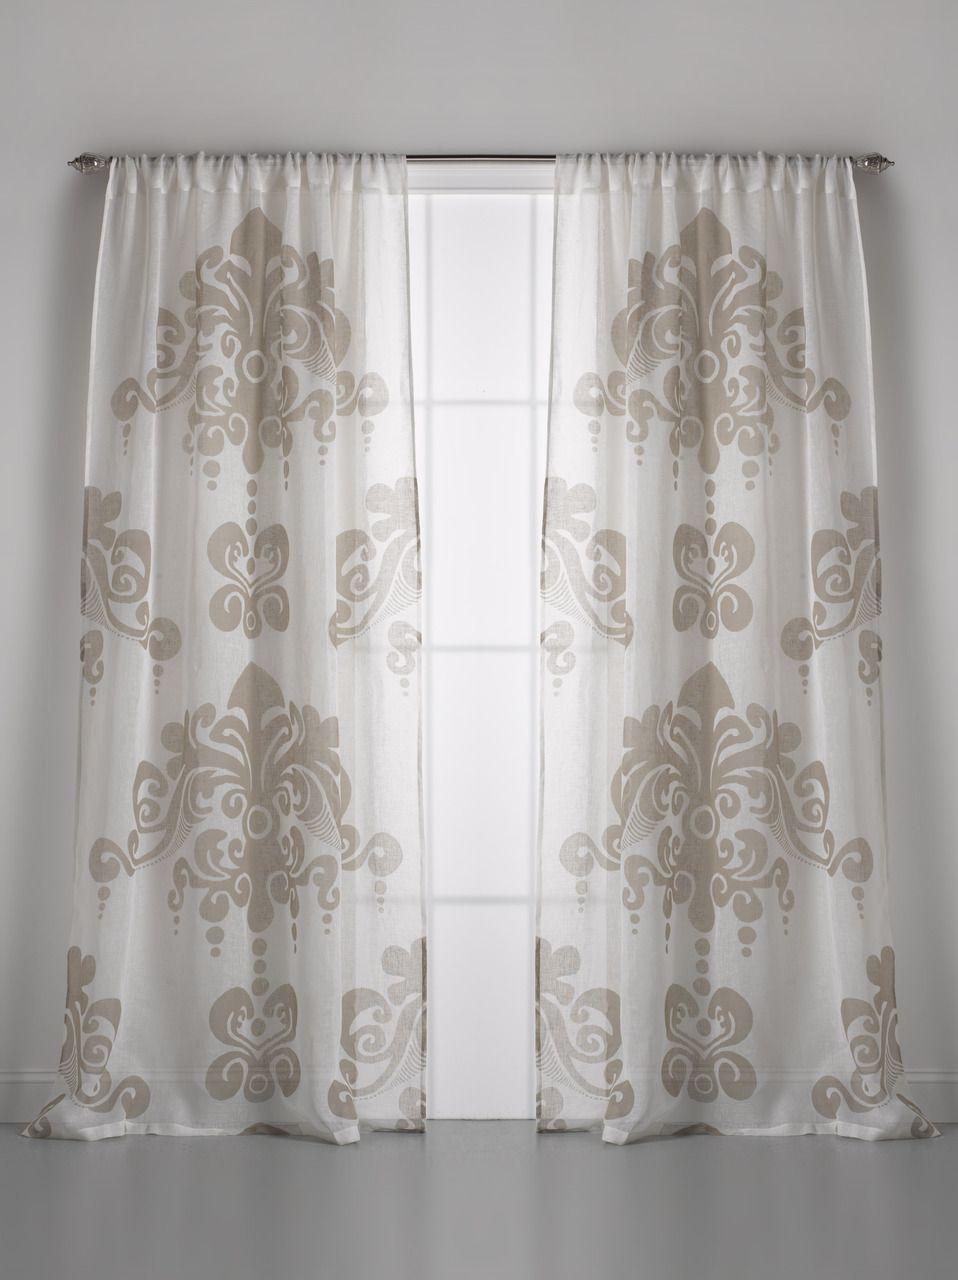 Window Curtains: Couture Dreams Enchantique Linen Gauze Window Curtain